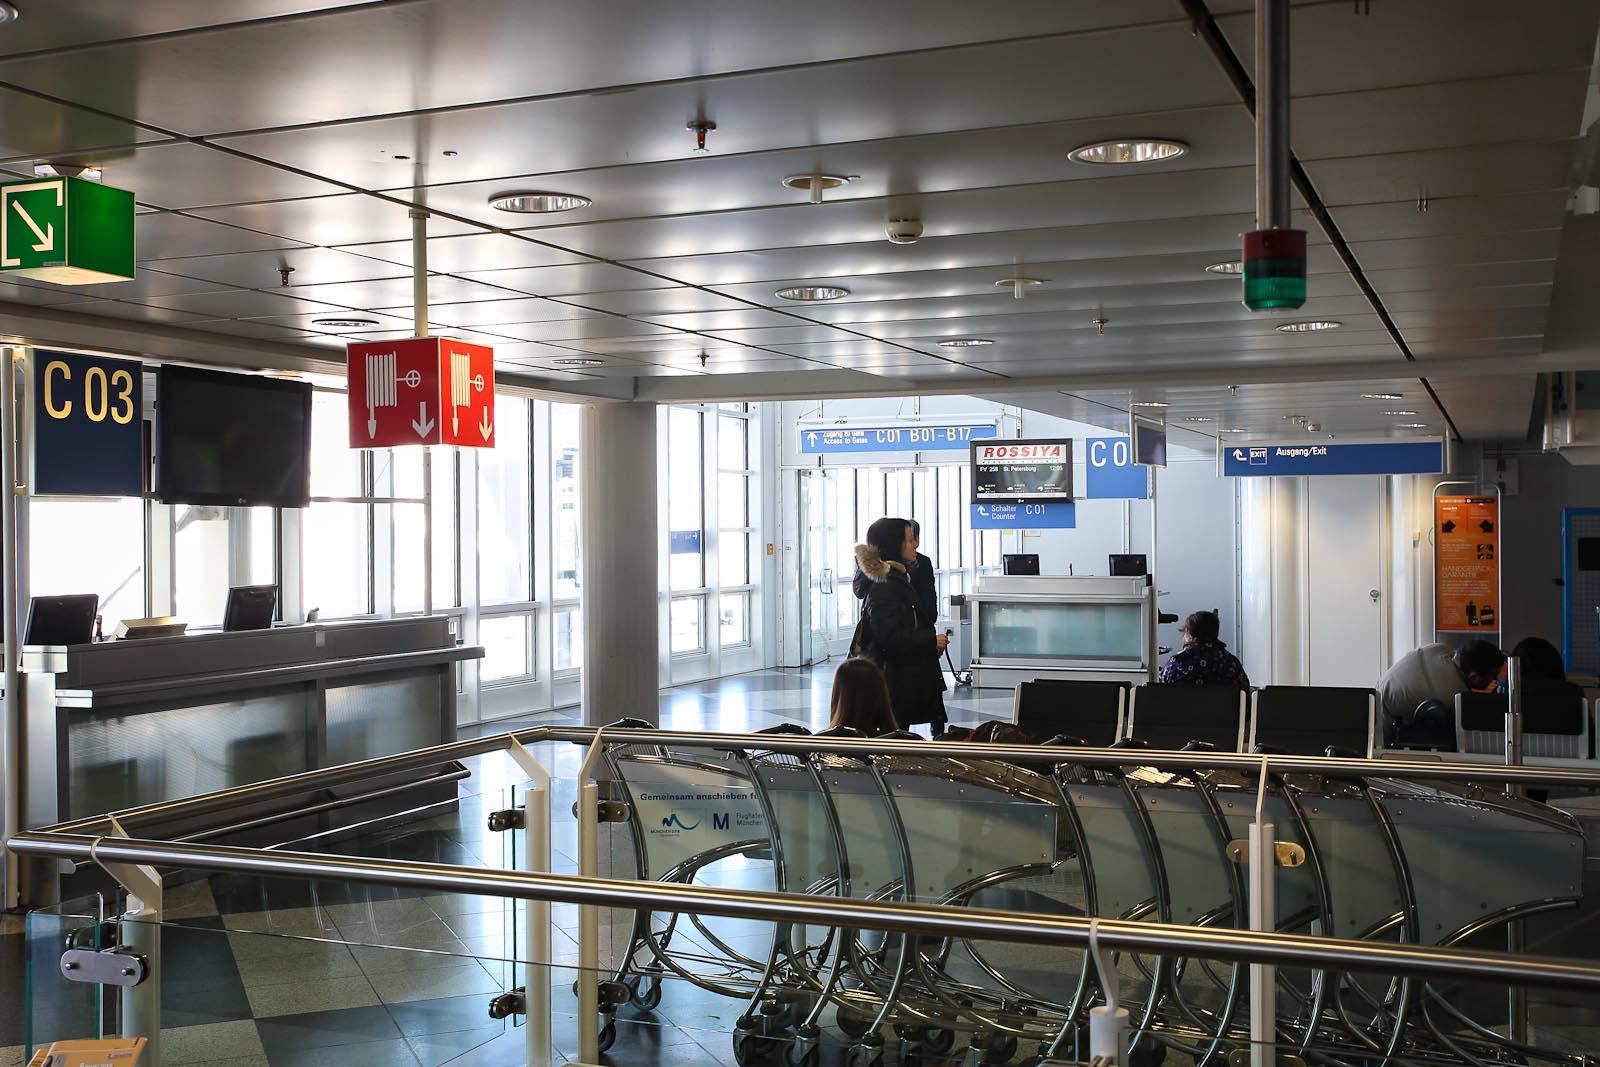 Посадка на рейс Мюнхен-Санкт-Петербург авиакомпании Россия